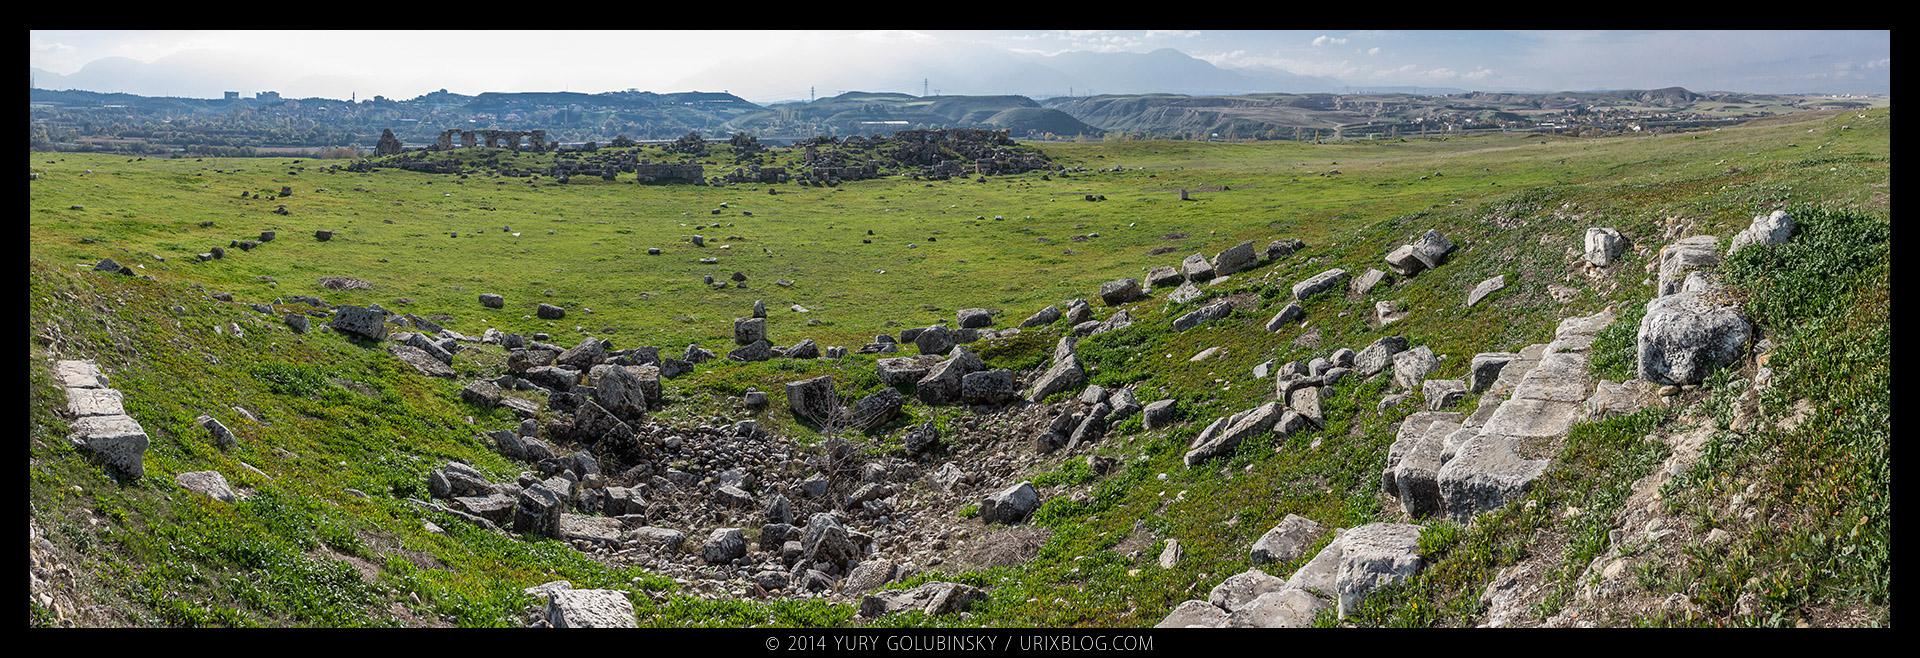 Лаодикея, античный город, восточная римская империя, греческий город, руины, раскопки, византийская империя, Дэнизли, Турция, Lycus река, панорама, 2014